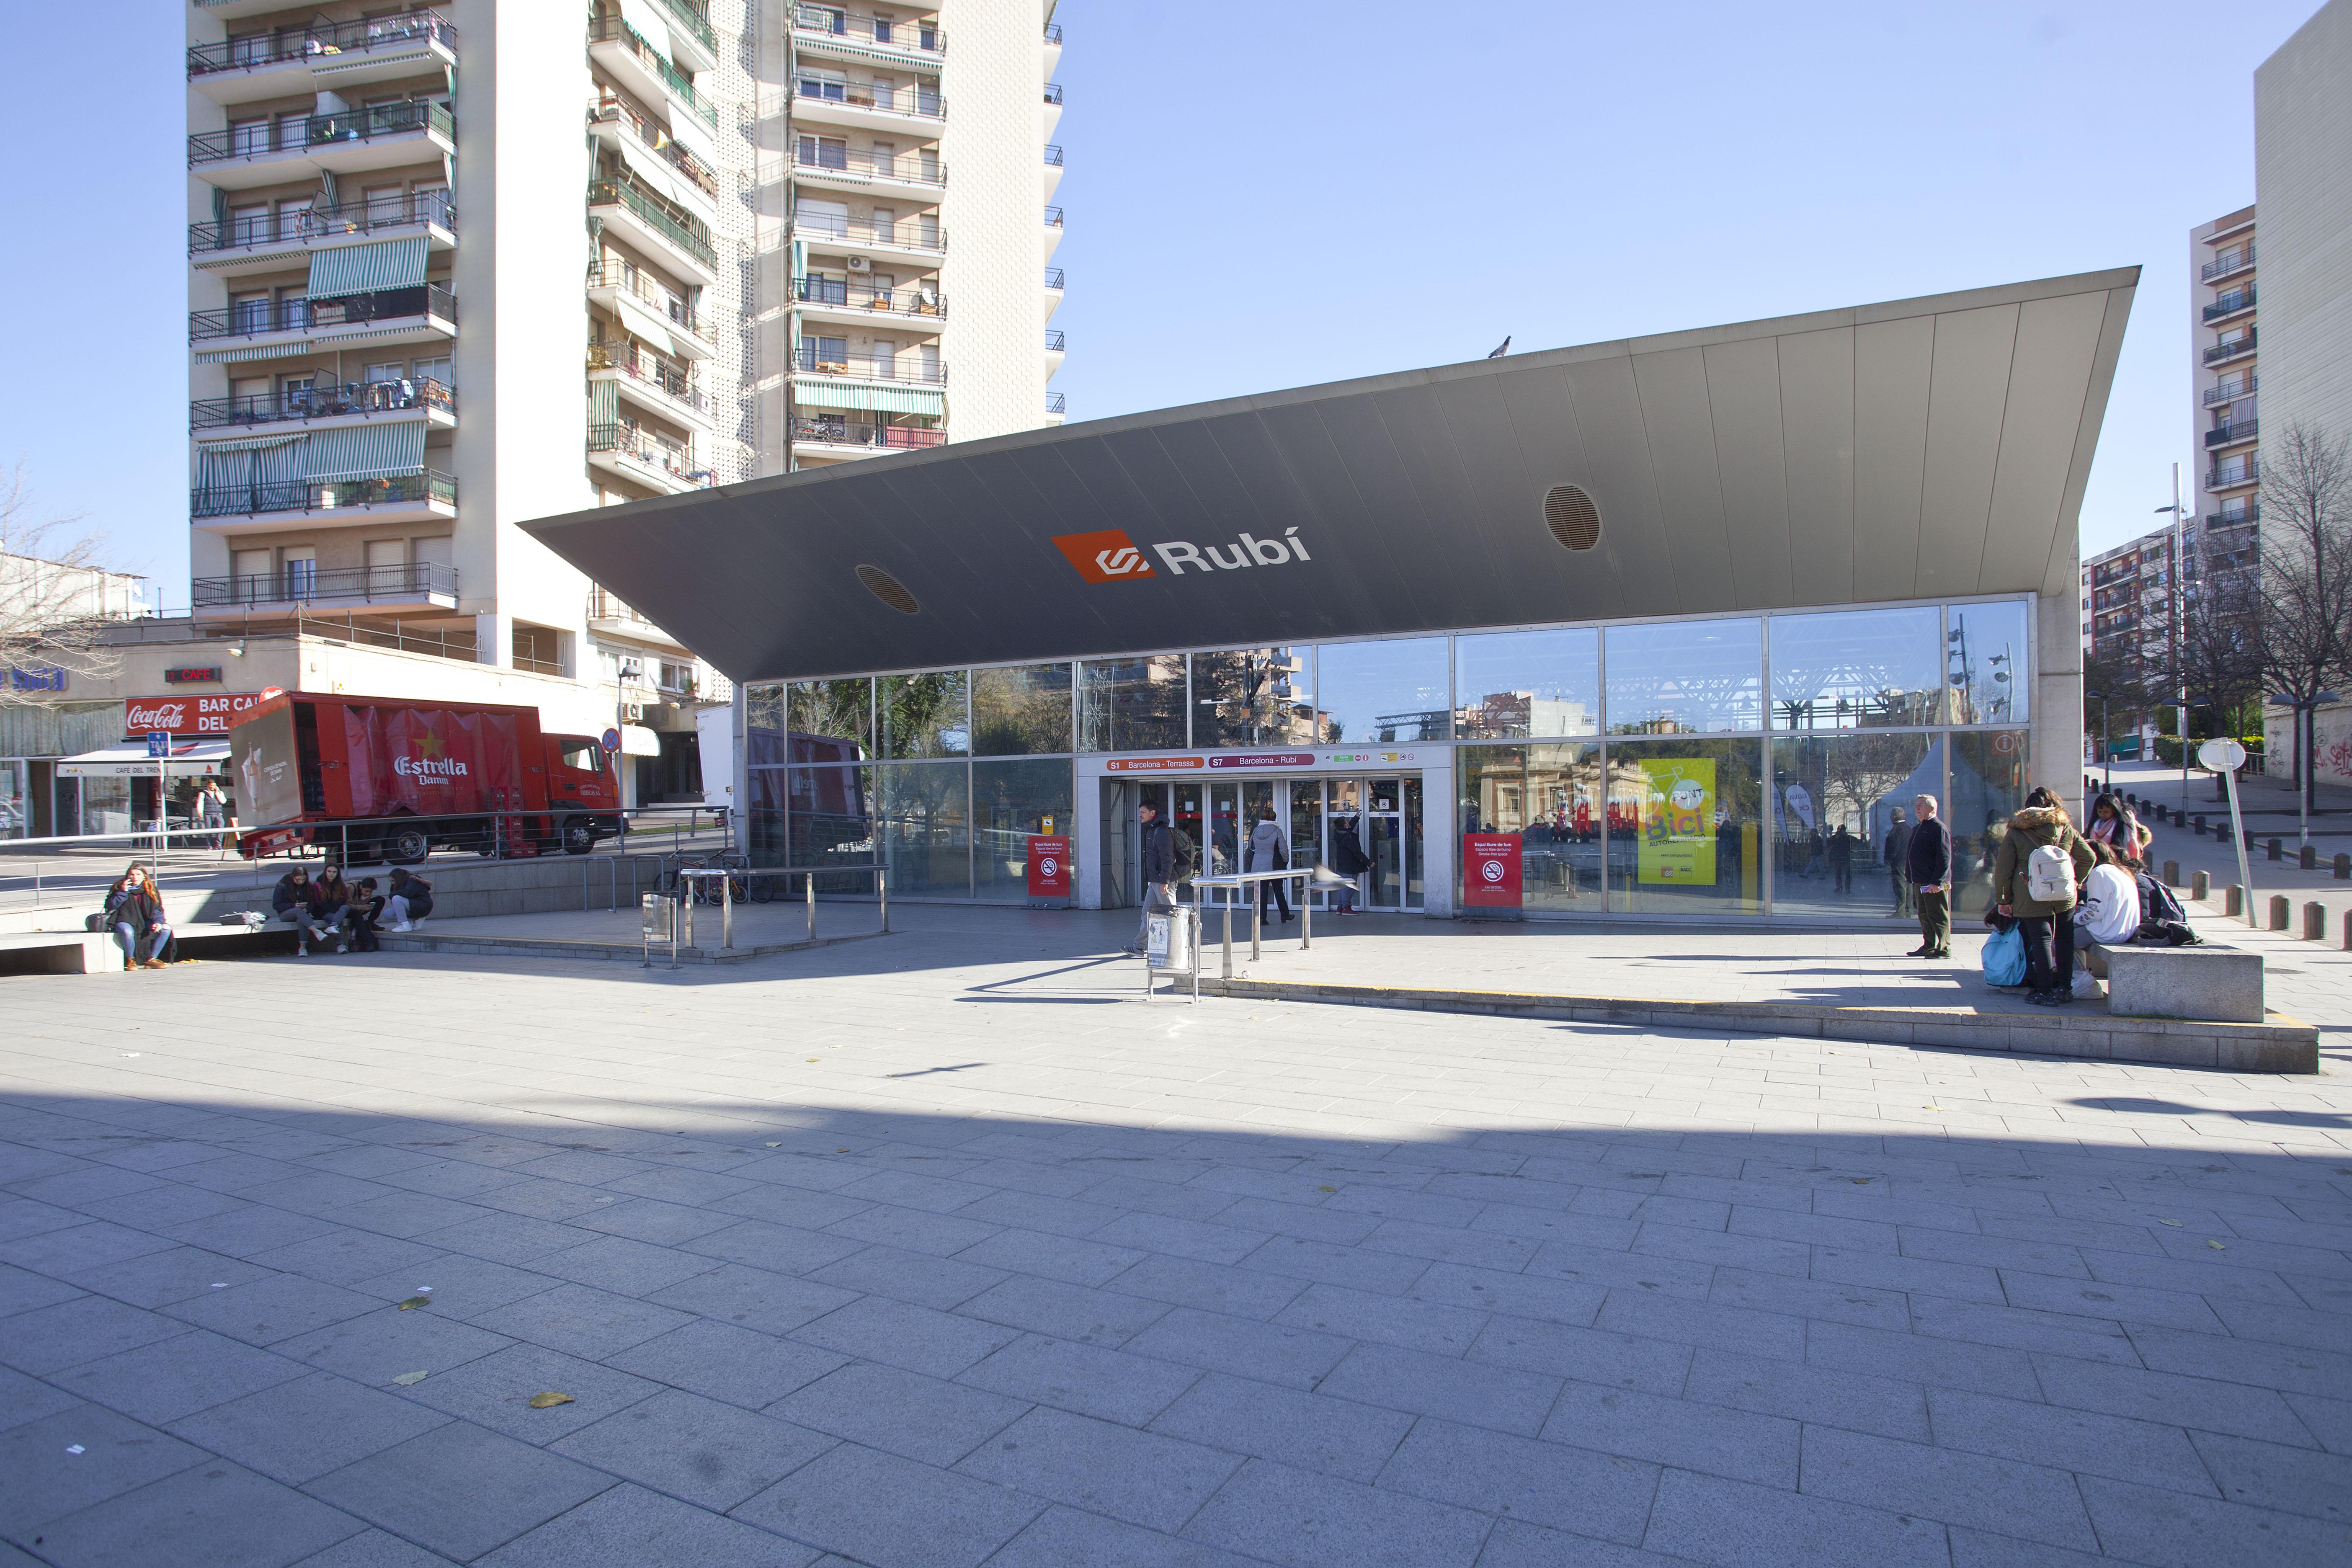 Rubi Ferrocarrils De La Generalitat De Catalunya Ferrocarrils